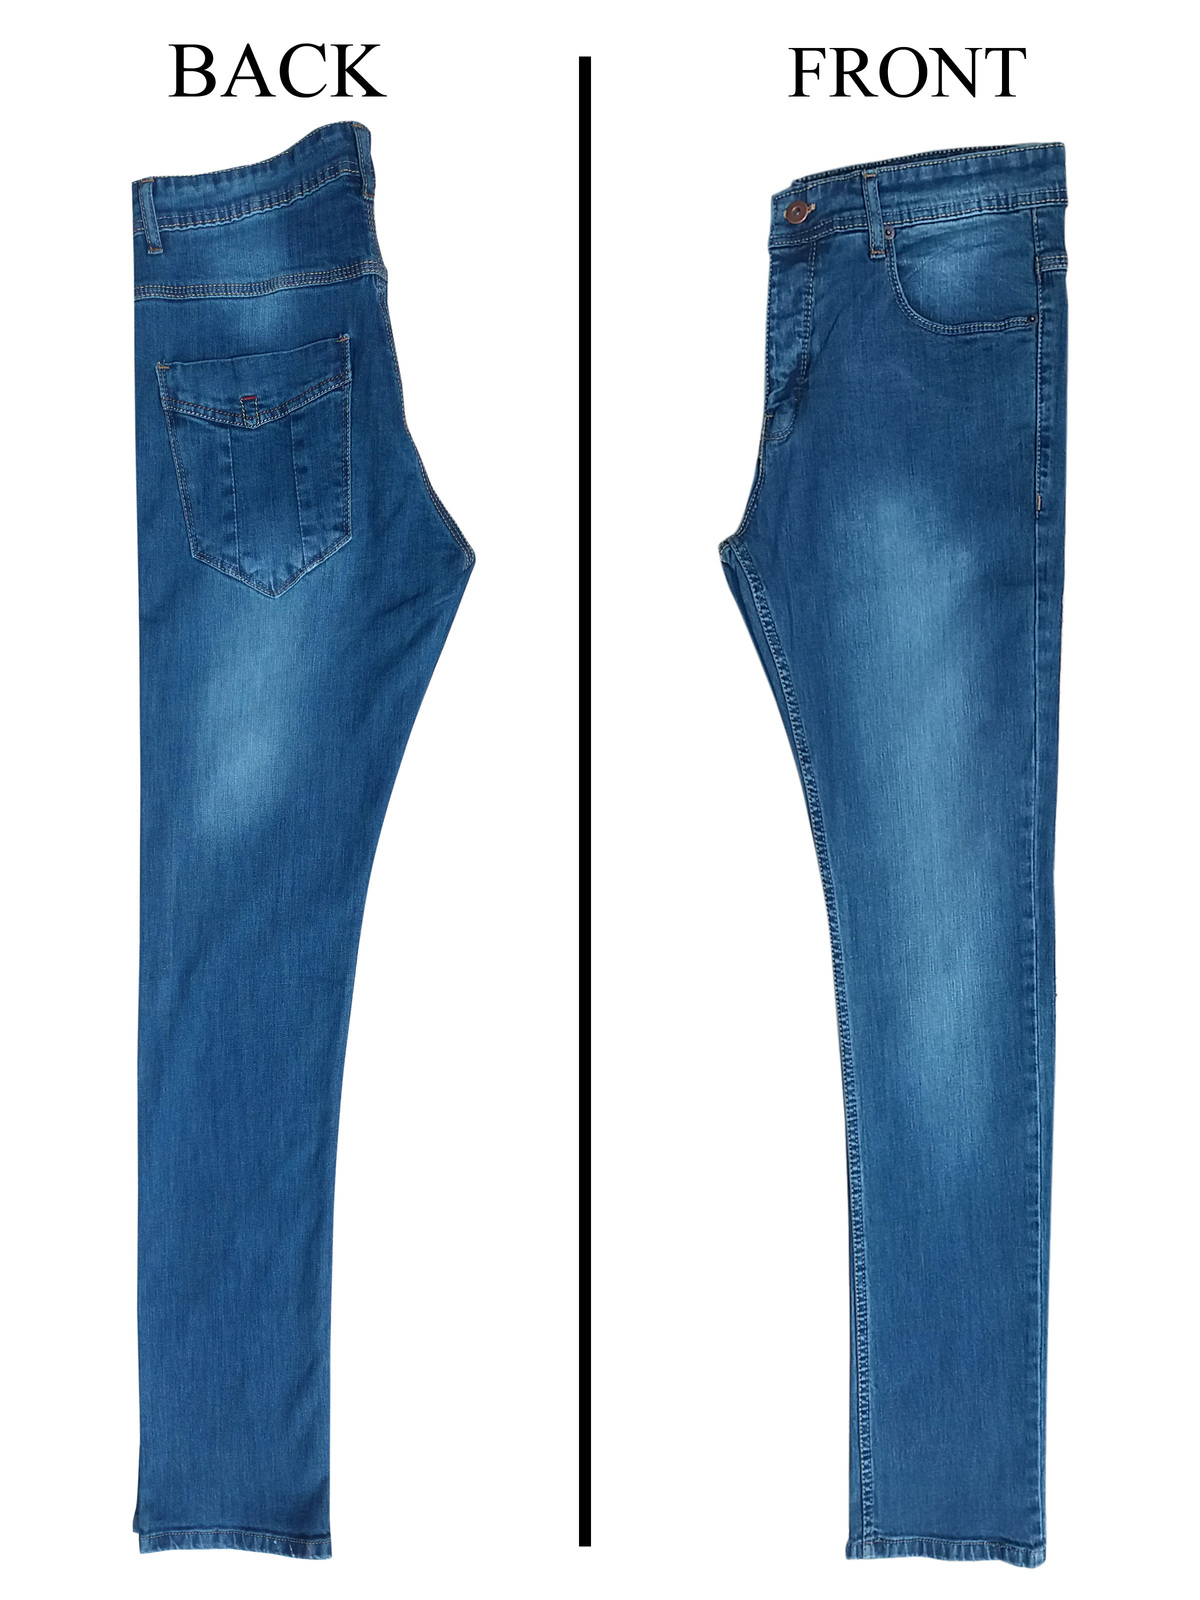 Men Jeans - Article # 166008 - 9 USD